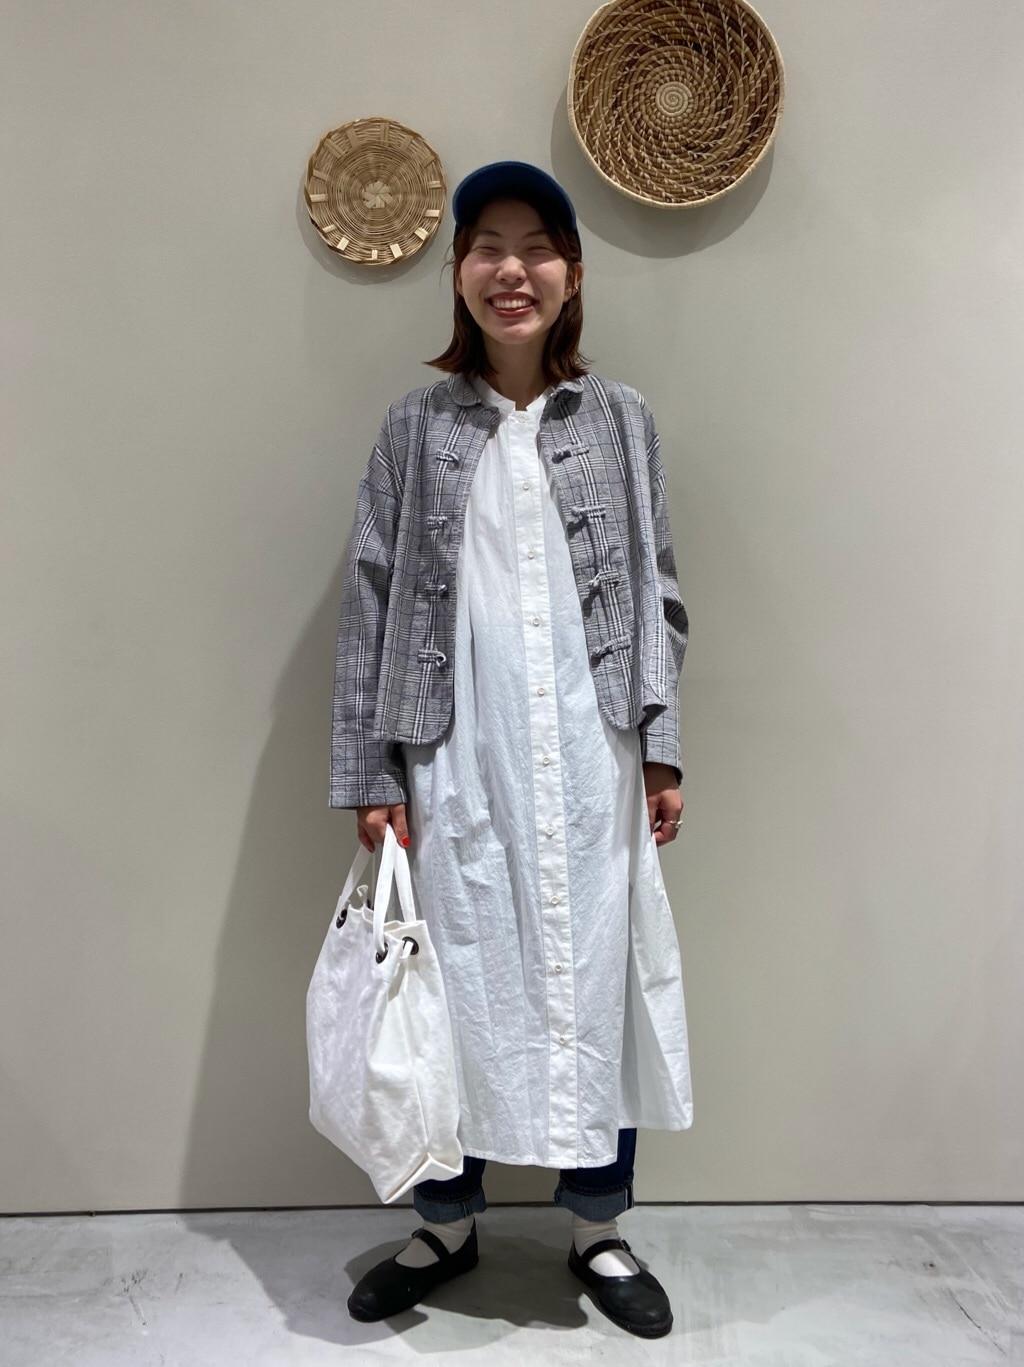 - CHILD WOMAN CHILD WOMAN , PAR ICI 新宿ミロード 身長:159cm 2021.05.08